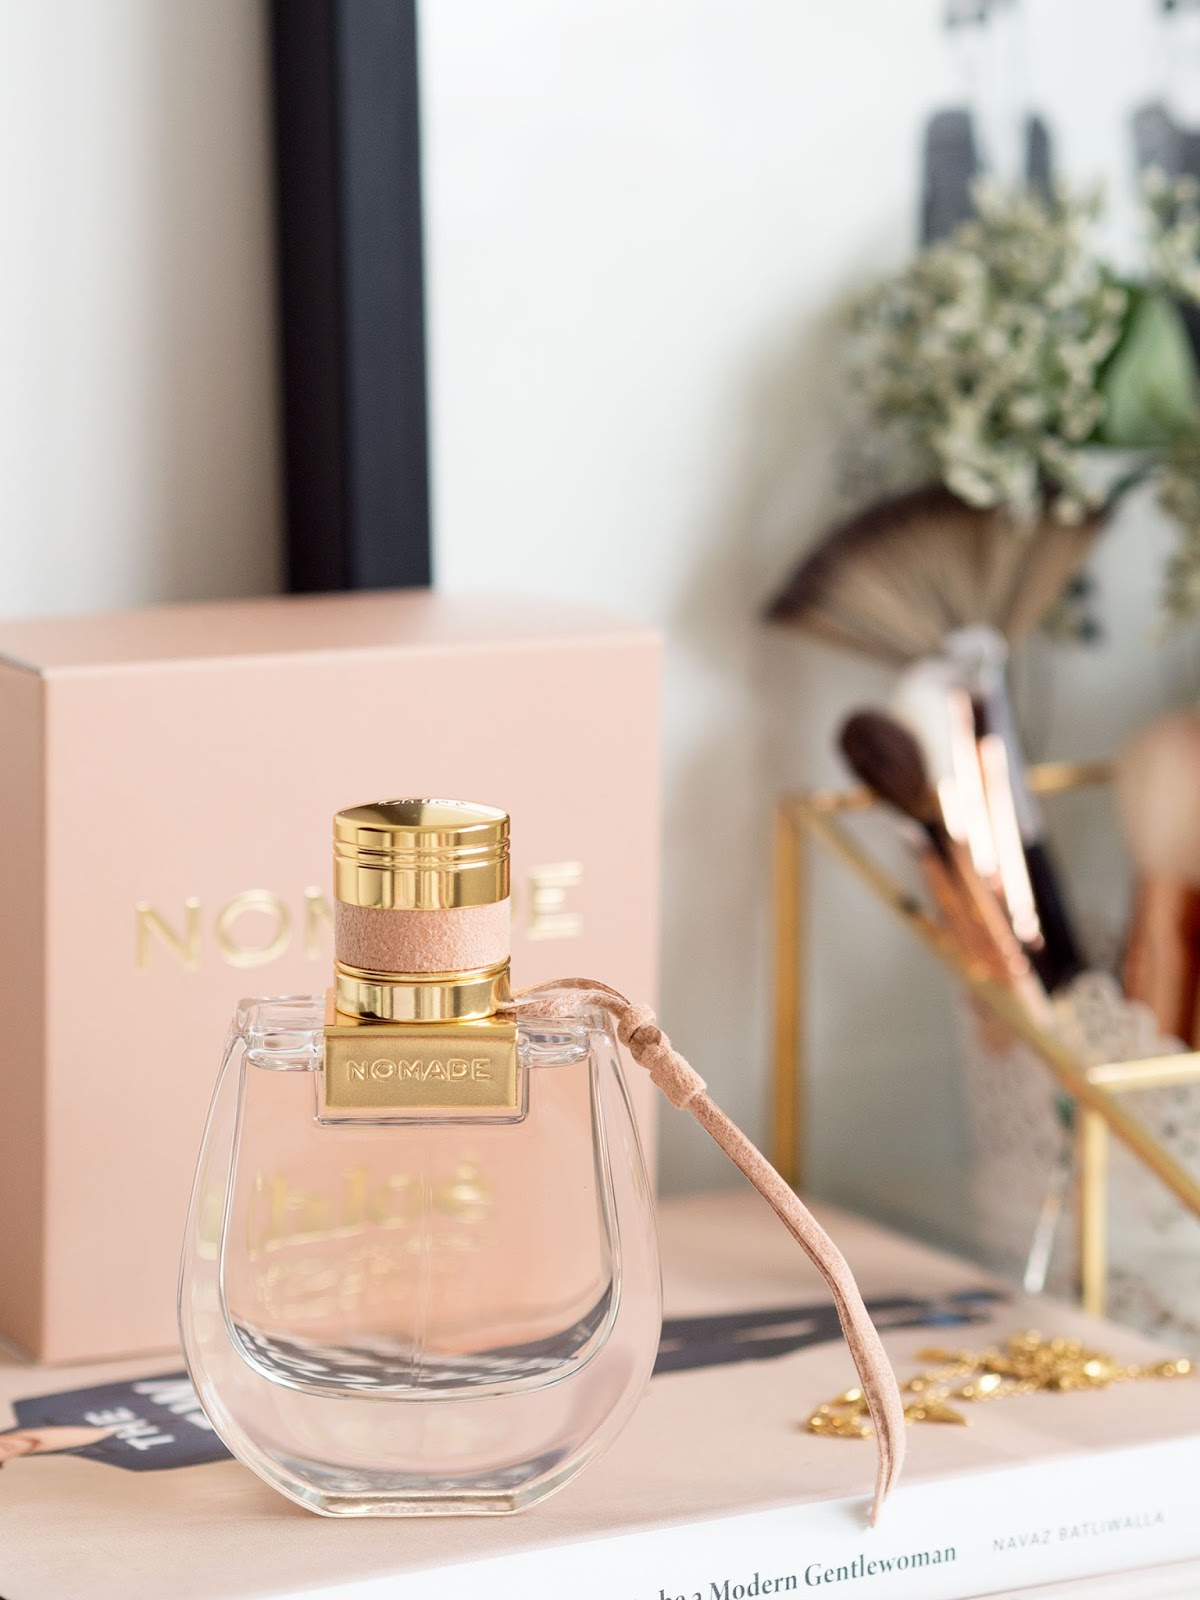 Chloe Nomade Eau de Parfum review